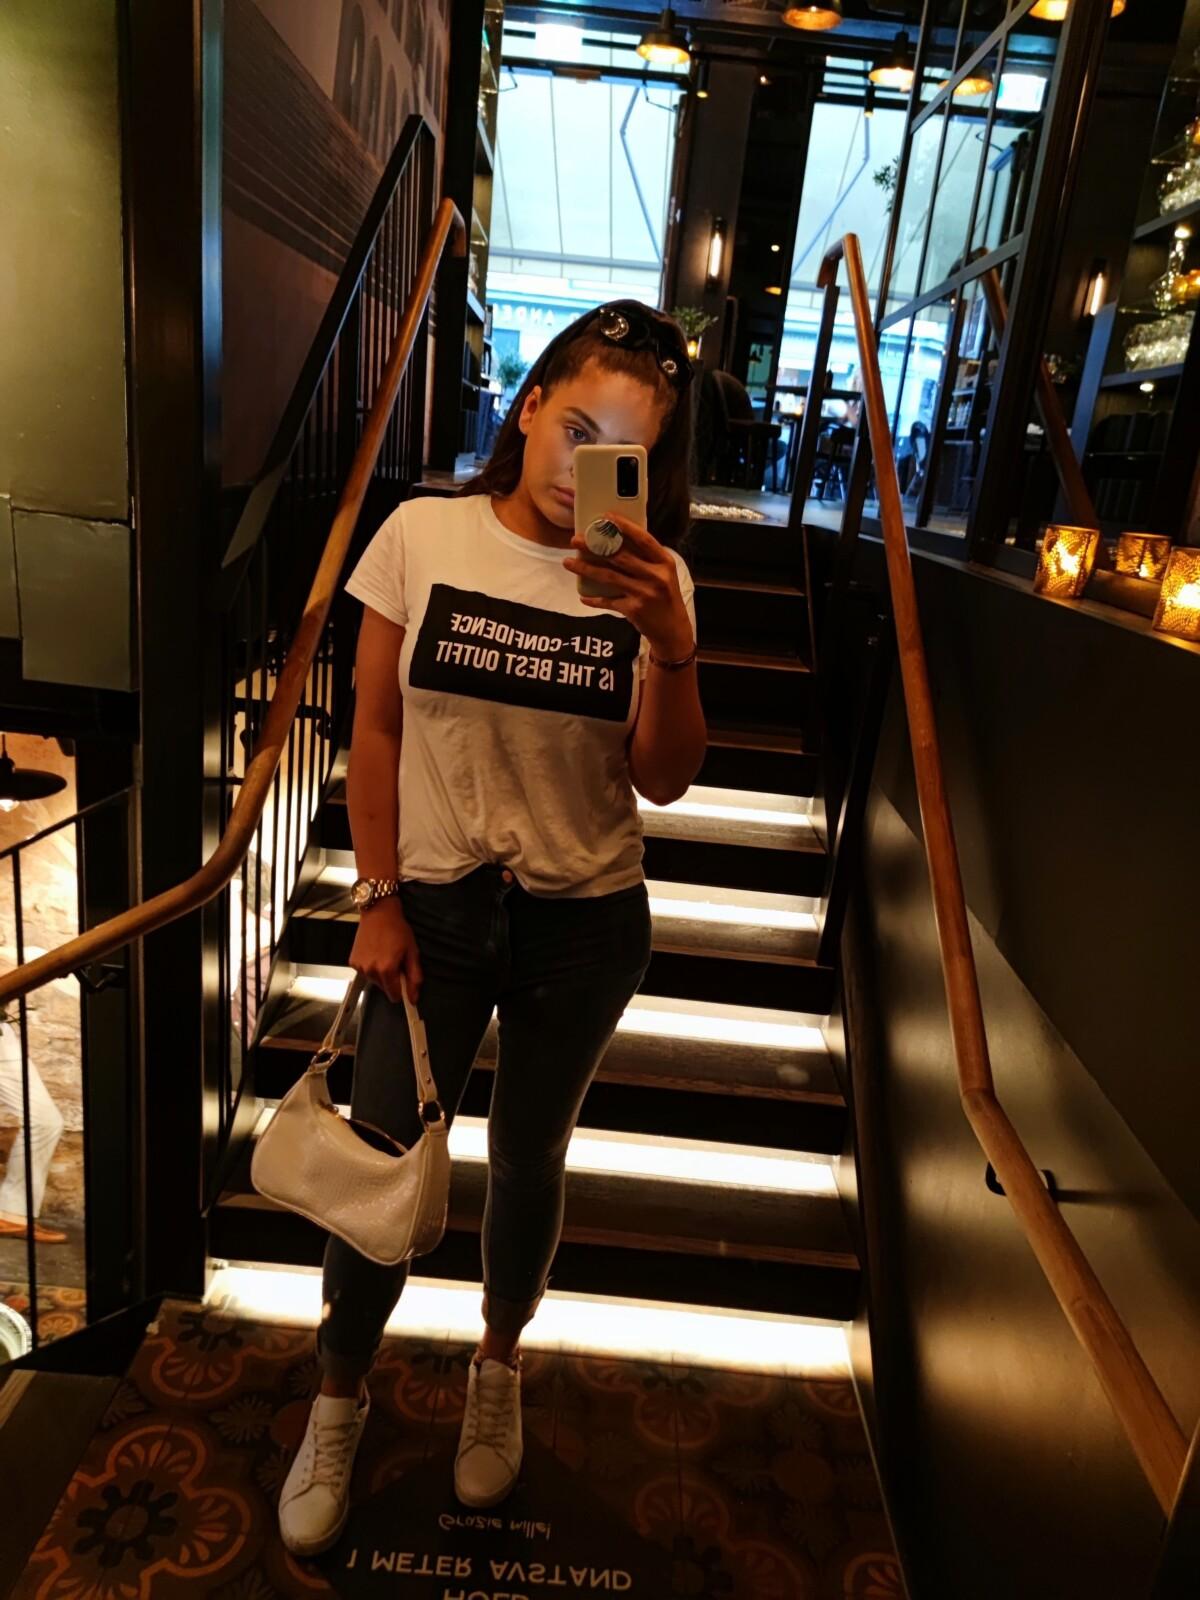 antrekk-restaurant-oliviarestauranter-oslo-oliviaeger-mat-restaurant-natur-stranda-sprostranda-burgerking-fotograf-minhelg-norge-norway-solnedgang-isalicious-isalicious1-isalicious.blogg-camillapihl-camillapihlglowmist-nellycom-nelly-oslobilder-naturfotografier-himmel-glød-eventyrfabrikken-naturbbilder-sjø-bølger-indiskmat-indiskmiddag-hjemmelagetindisk-stil-mote-trend-sminke-makeup-salat-antrekk-outfit-dagenslook-look-dagenssminke-